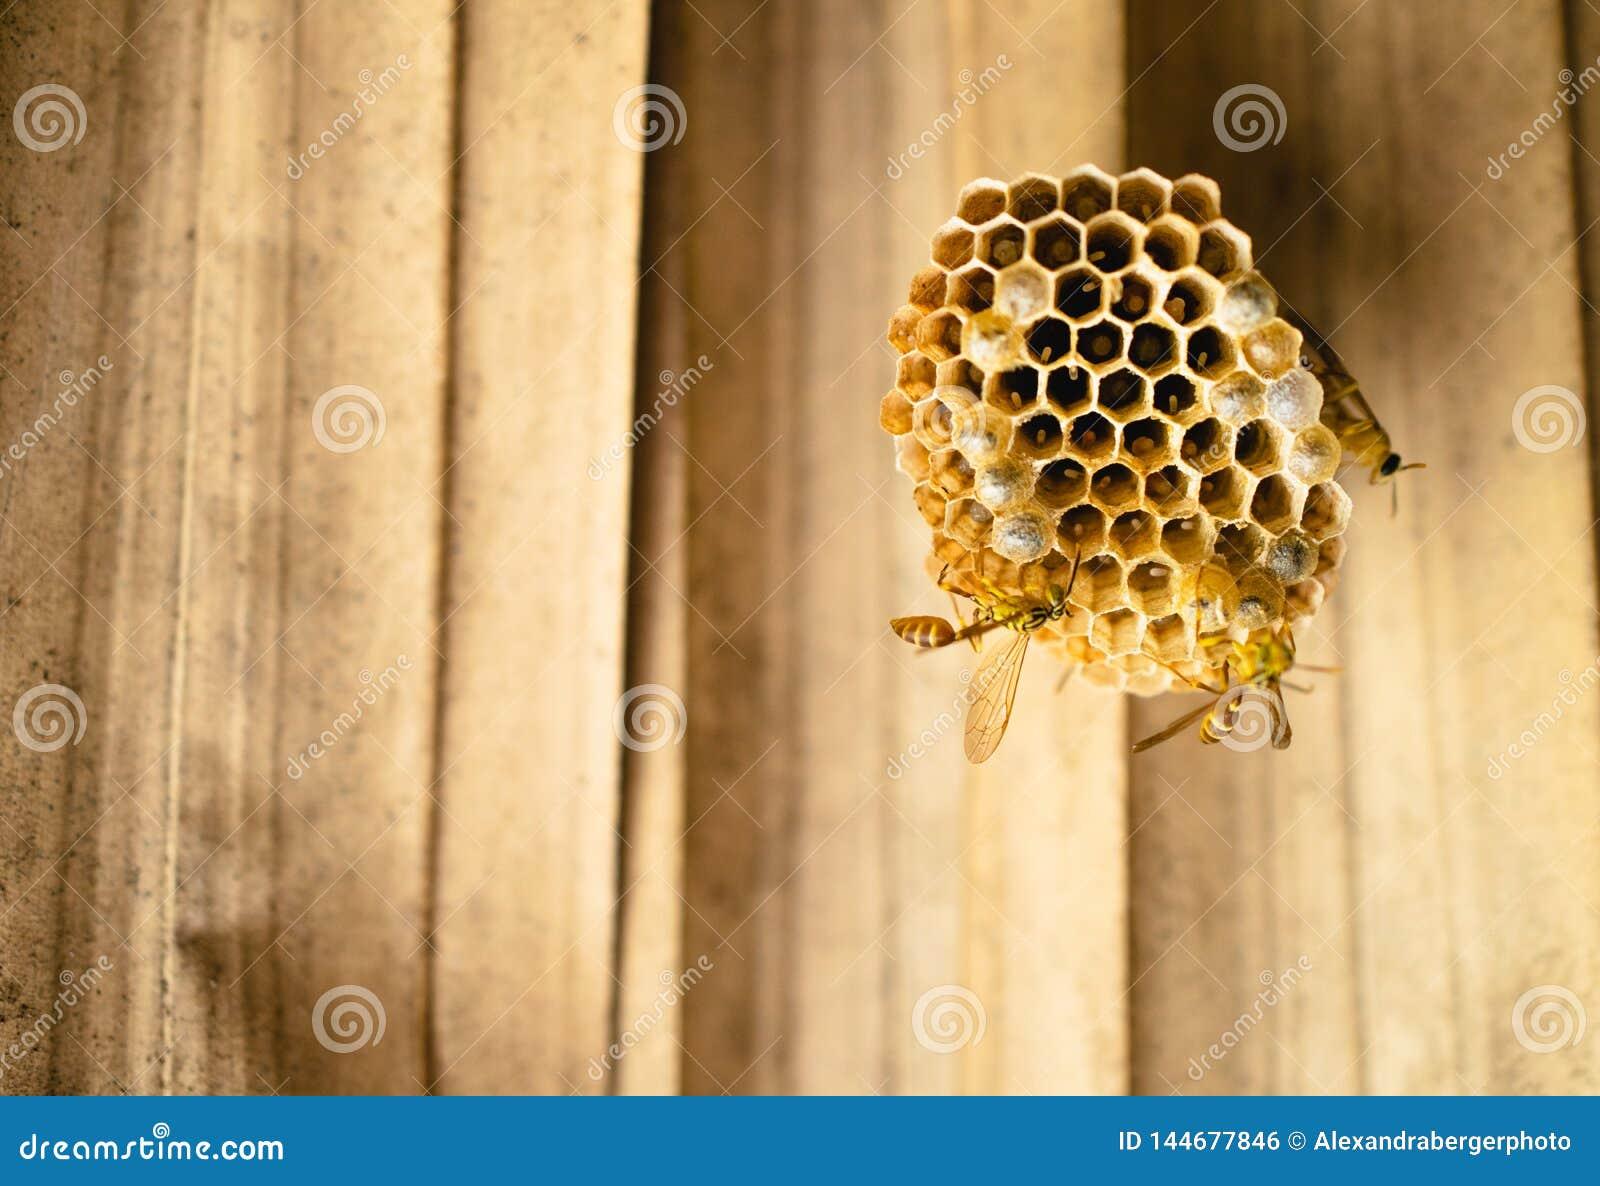 Le api, vespe costruiscono insieme un nido, riempito di uova